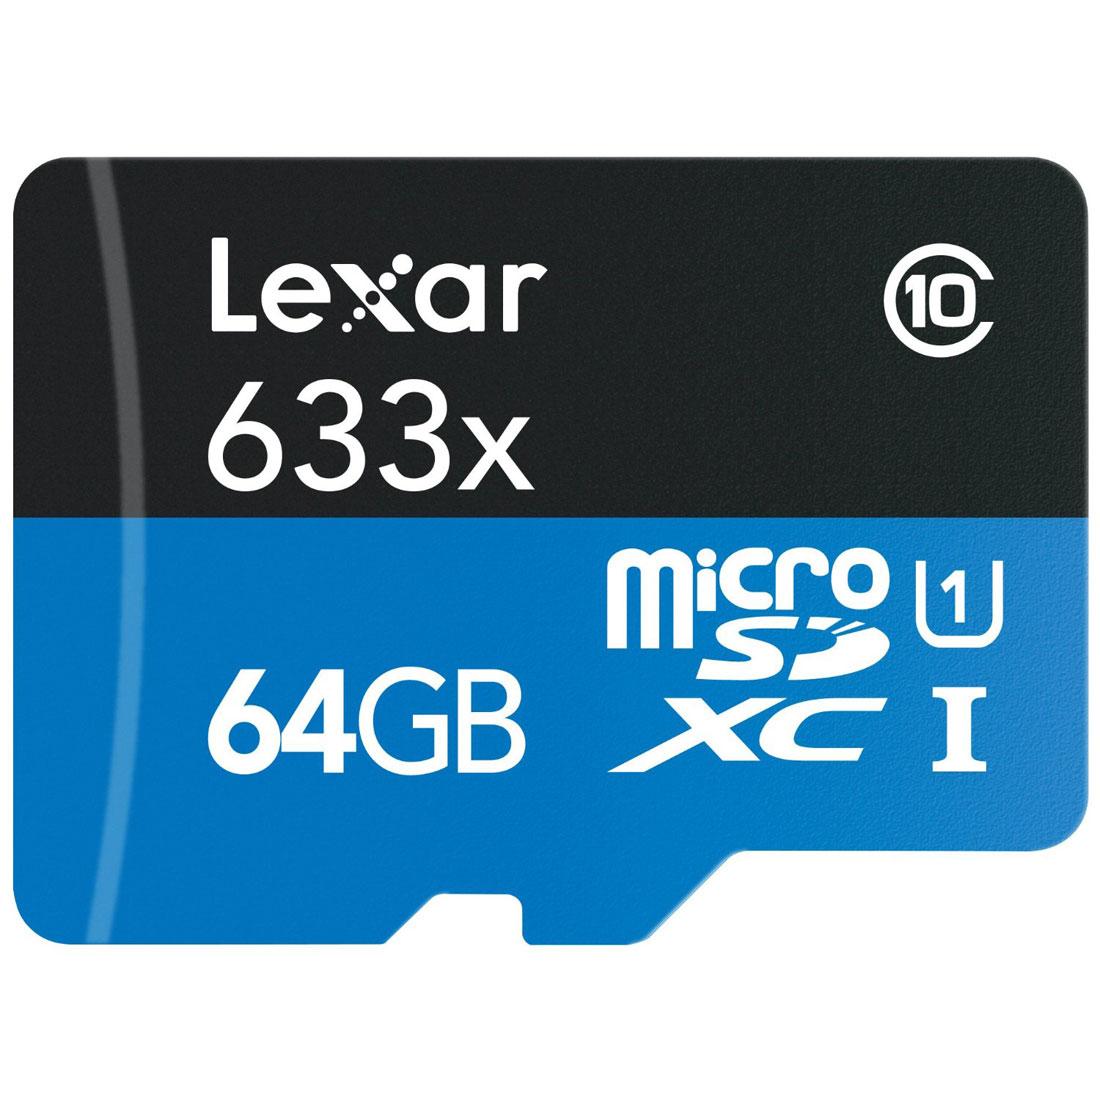 LX64G633BLK